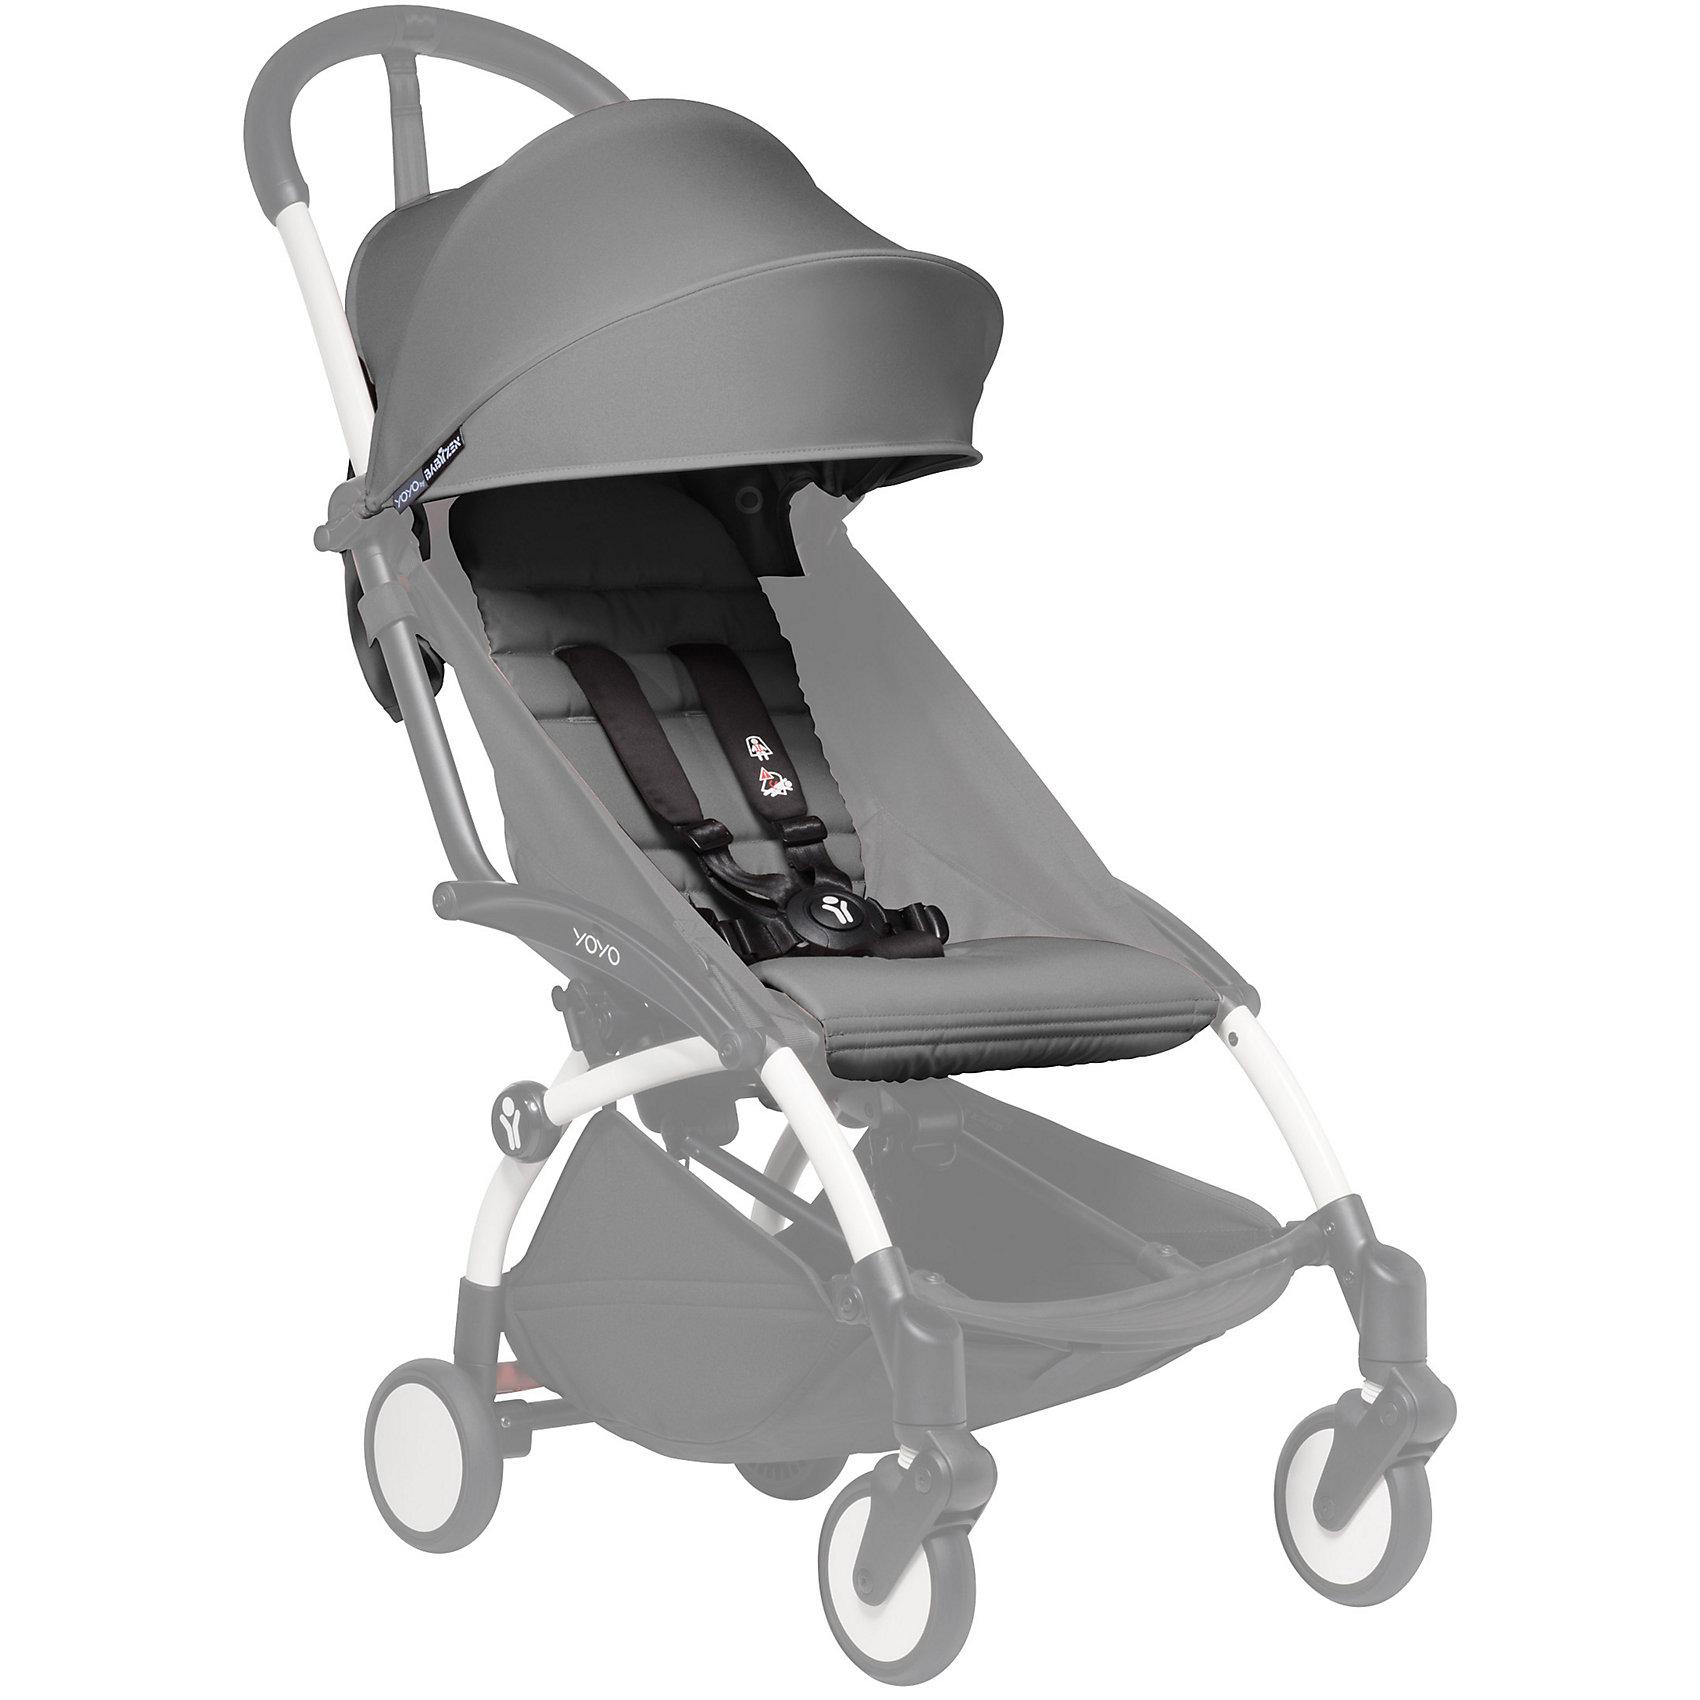 Капюшон и сиденье 6+ для YOYO+, Babyzen, серыйПрогулочные коляски<br>Капюшон и сиденье 6+ для YOYO+, Babyzen (Бебизен), серый<br><br>Характеристики:<br>• вы можете быстро изменить стиль своей коляски YOYO+<br>• установка занимает меньше 15 минут<br>• карман для мамы на капюшоне<br>• водоотталкивающий материал<br>• защита от солнца UV 50+<br>• подходит для коляски Babyzen YOYO+<br>• в комплекте: матрасик-сидение, капюшон<br>• цвет: серый<br>• коллекция: 2017<br><br>Для того, чтобы коляска вашего малыша была самой стильной, достаточно выбрать подходящий цвет. Капюшон и сиденье серого цвета отлично подойдет для мальчиков и девочек. С ними Babyzen YOYO+ превратится в настоящий спортивный экипаж! Установка комплекта не займет у вас много времени. <br><br>Комплект выполнен из водоотталкивающего материала, что особенно удобно в непогоду. На капюшоне есть небольшой карман, в который вы сможете положить игрушку малыша или необходимые принадлежности. Капюшон оснащен козырьком с защитой от солнца UV 50+. Комплект подходит для детей старше 6 месяцев. Создайте свою стильную коляску Babyzen YOYO+!<br><br>Внимание!!!  Внимание!!! Аксессуары на фото показаны в готовом виде на базе (раме), которая продается отдельно.<br><br>Капюшон и сиденье 6+ для YOYO+, Babyzen (Бебизен), серый вы можете купить в нашем интернет-магазине.<br><br>Ширина мм: 650<br>Глубина мм: 10<br>Высота мм: 10<br>Вес г: 730<br>Возраст от месяцев: 6<br>Возраст до месяцев: 36<br>Пол: Унисекс<br>Возраст: Детский<br>SKU: 5445683